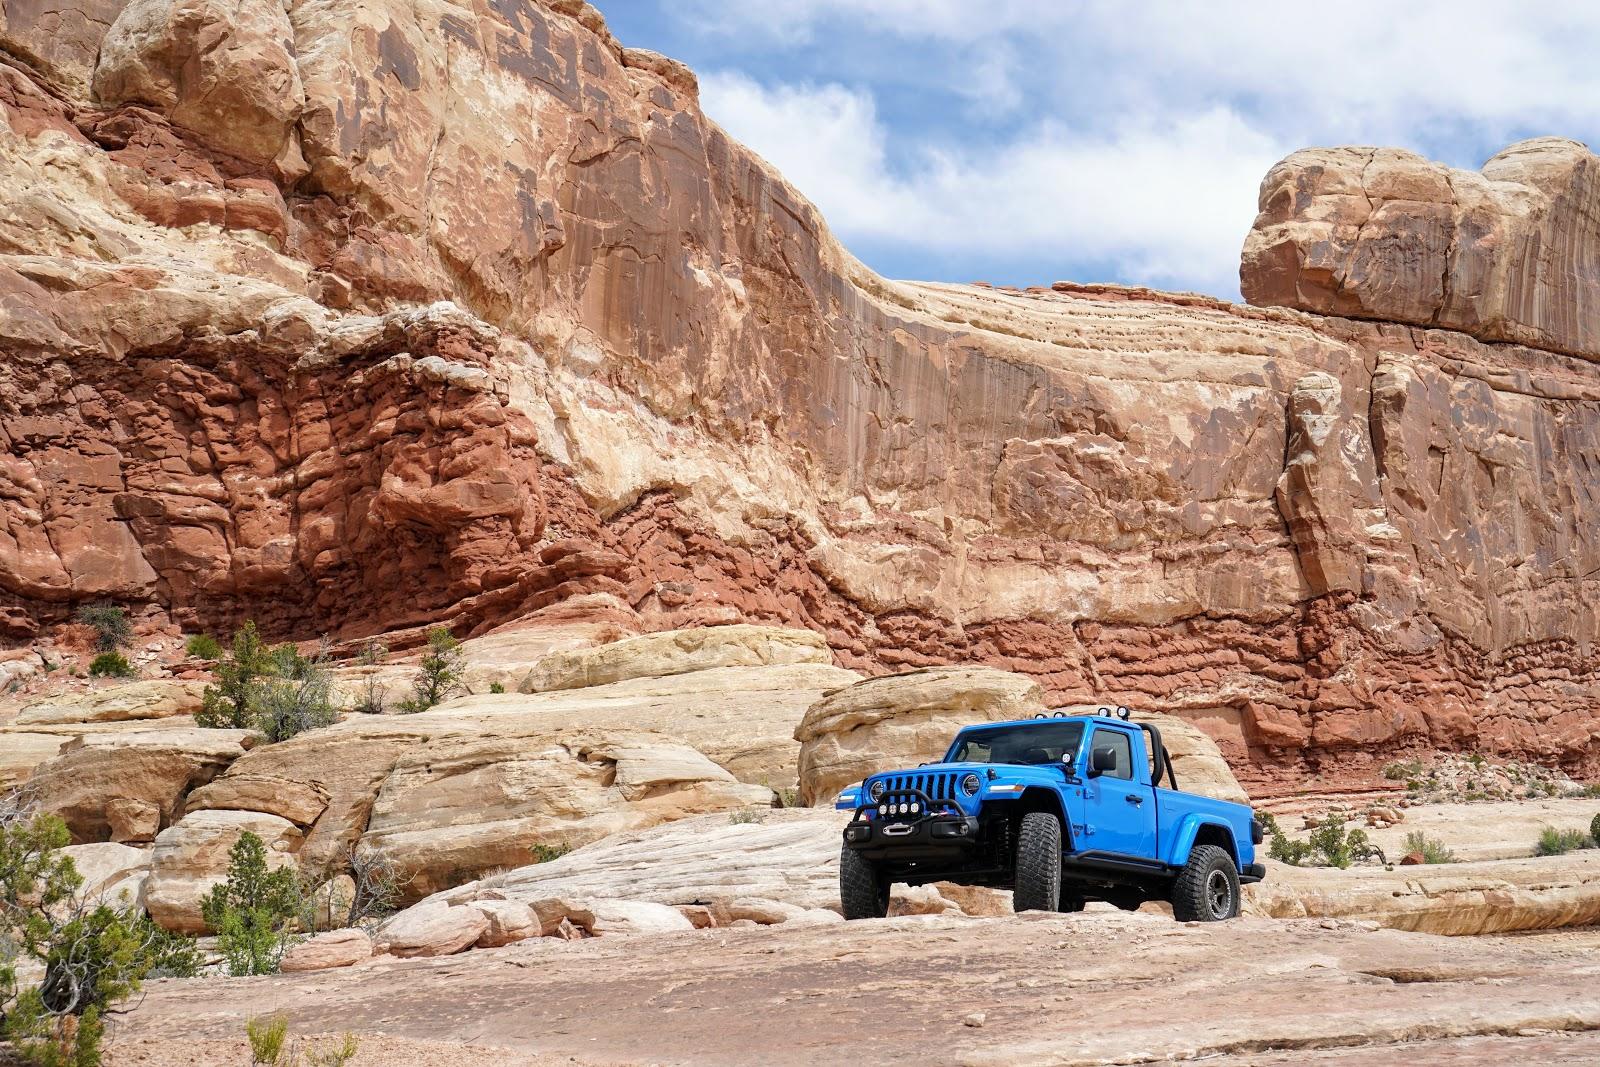 Jeep J6 off-road